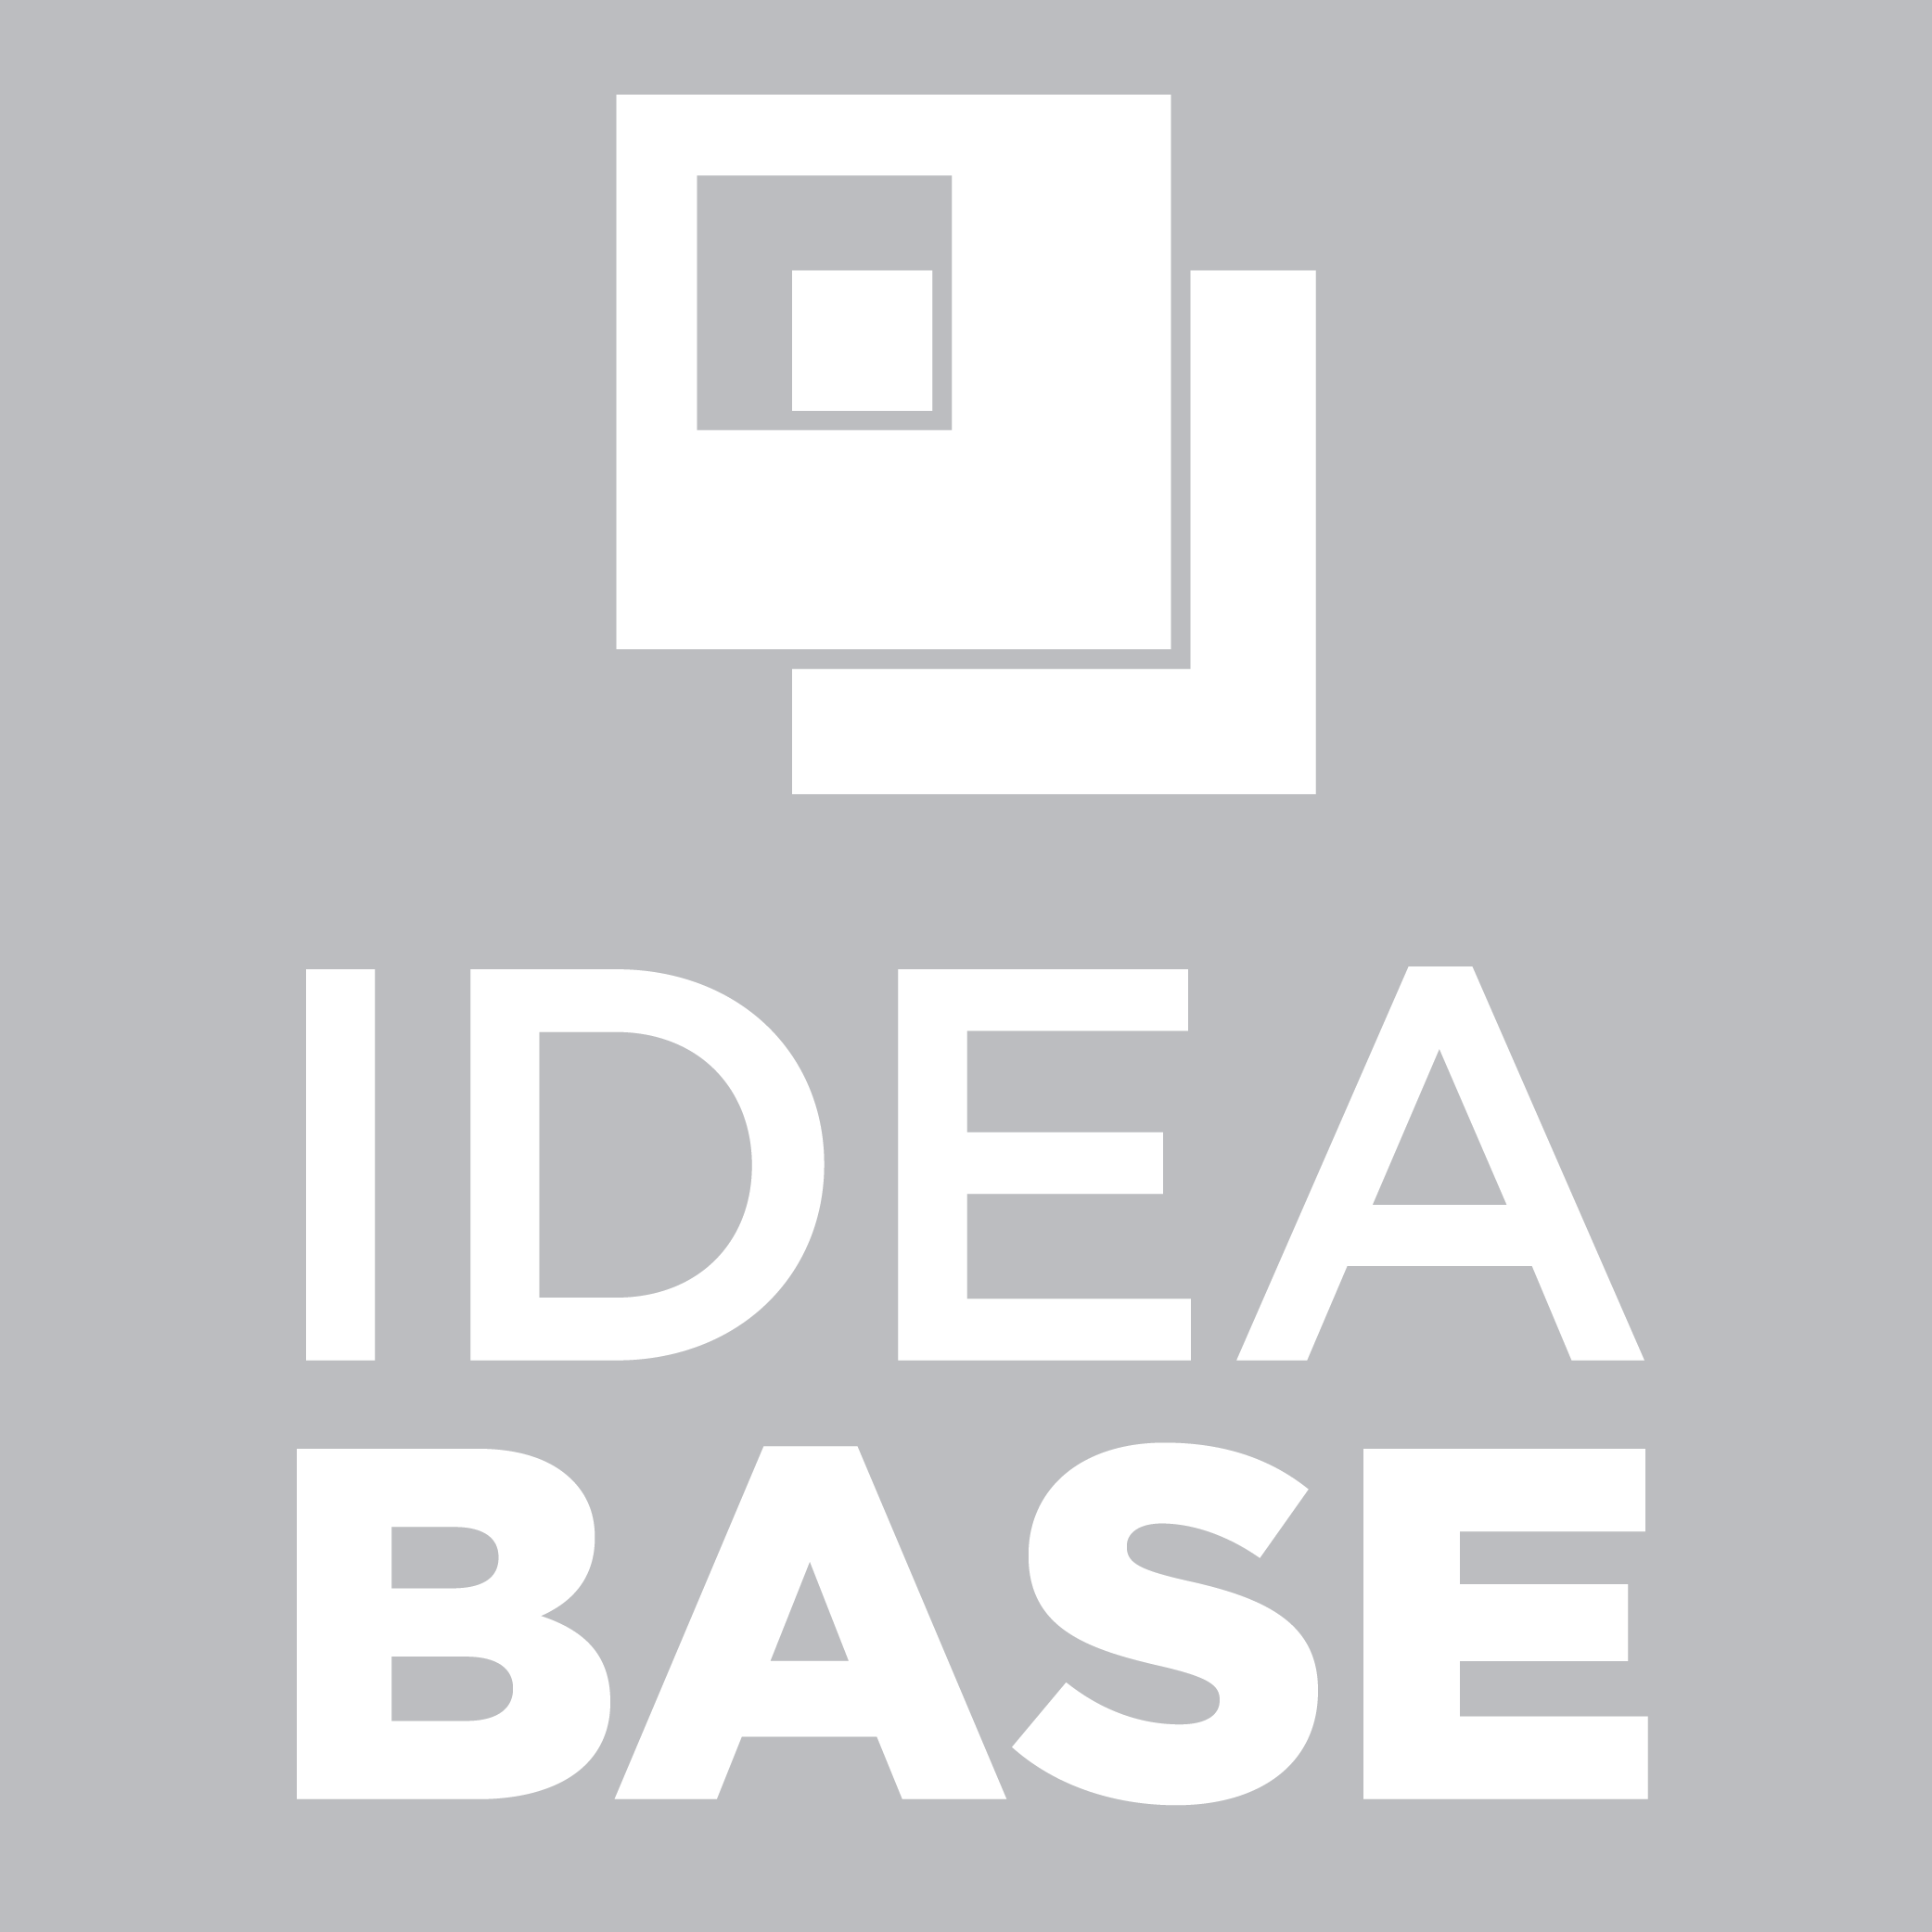 Idea Base Logo Stacked White